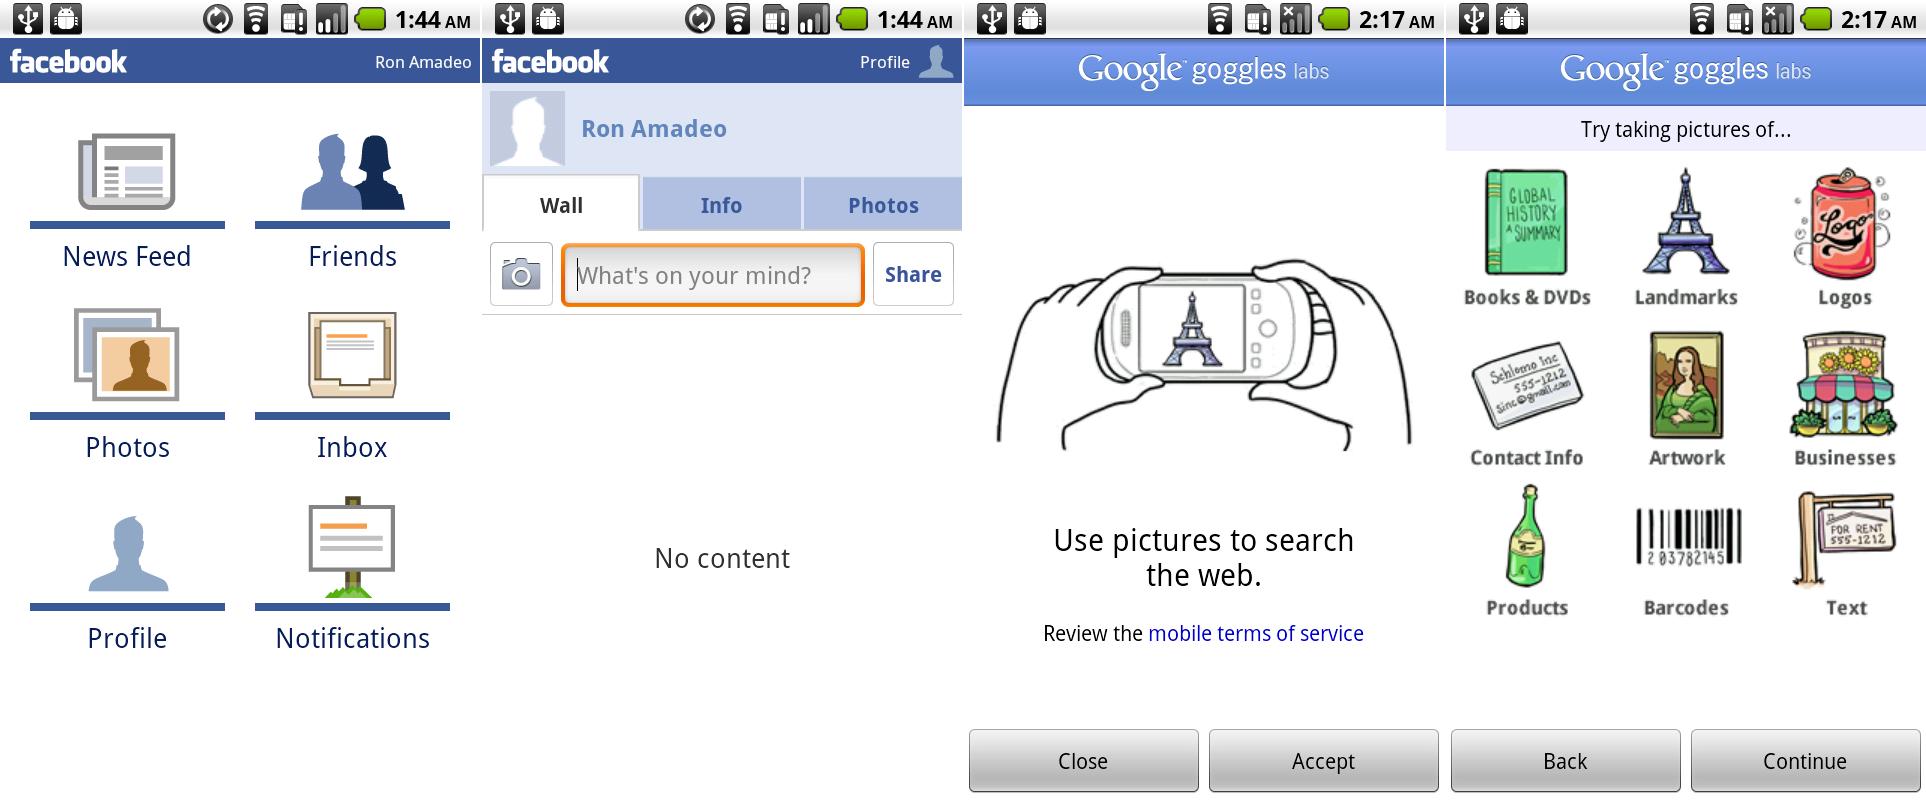 半残缺的Facebook应用是个常见的2x3导航页面的优秀范例。谷歌Goggles被包含了进来但同样是残缺的。